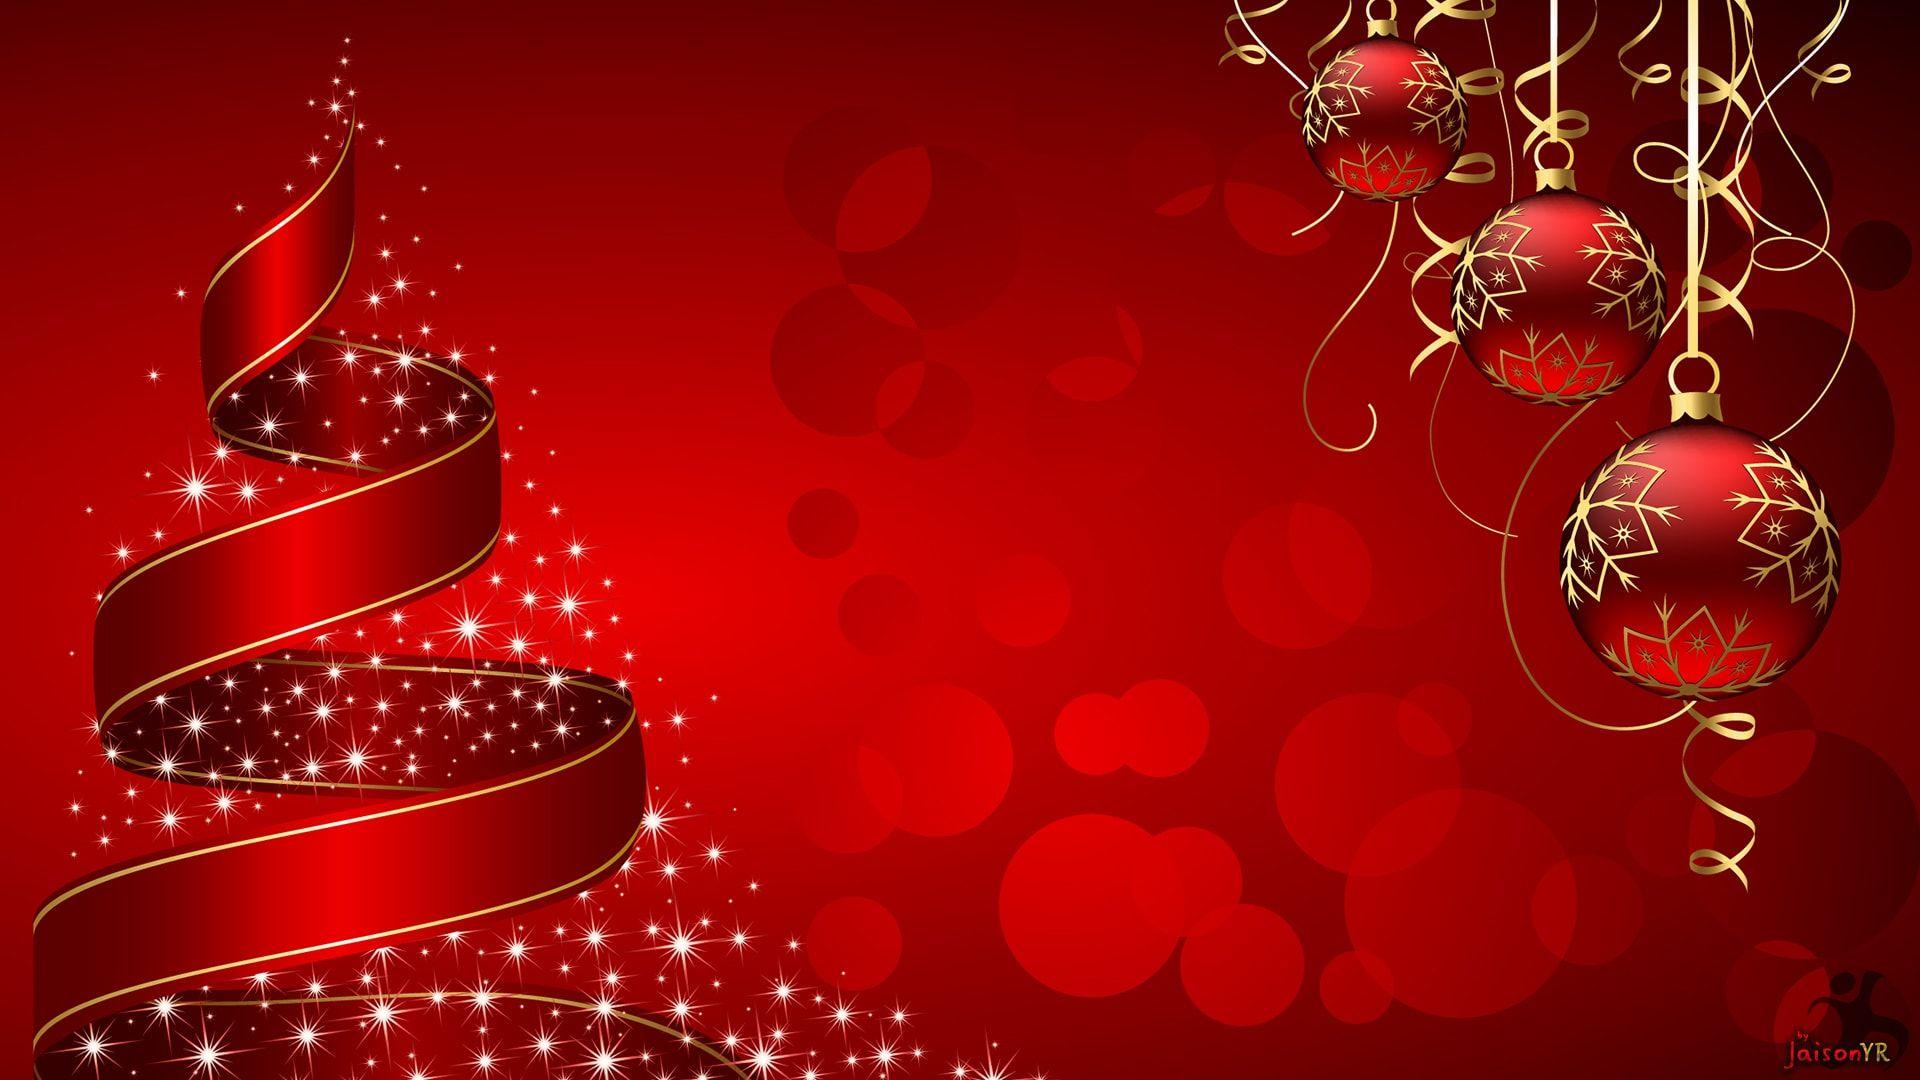 Image De Noël Gratuite A Télécharger Fonds D écran De Noel